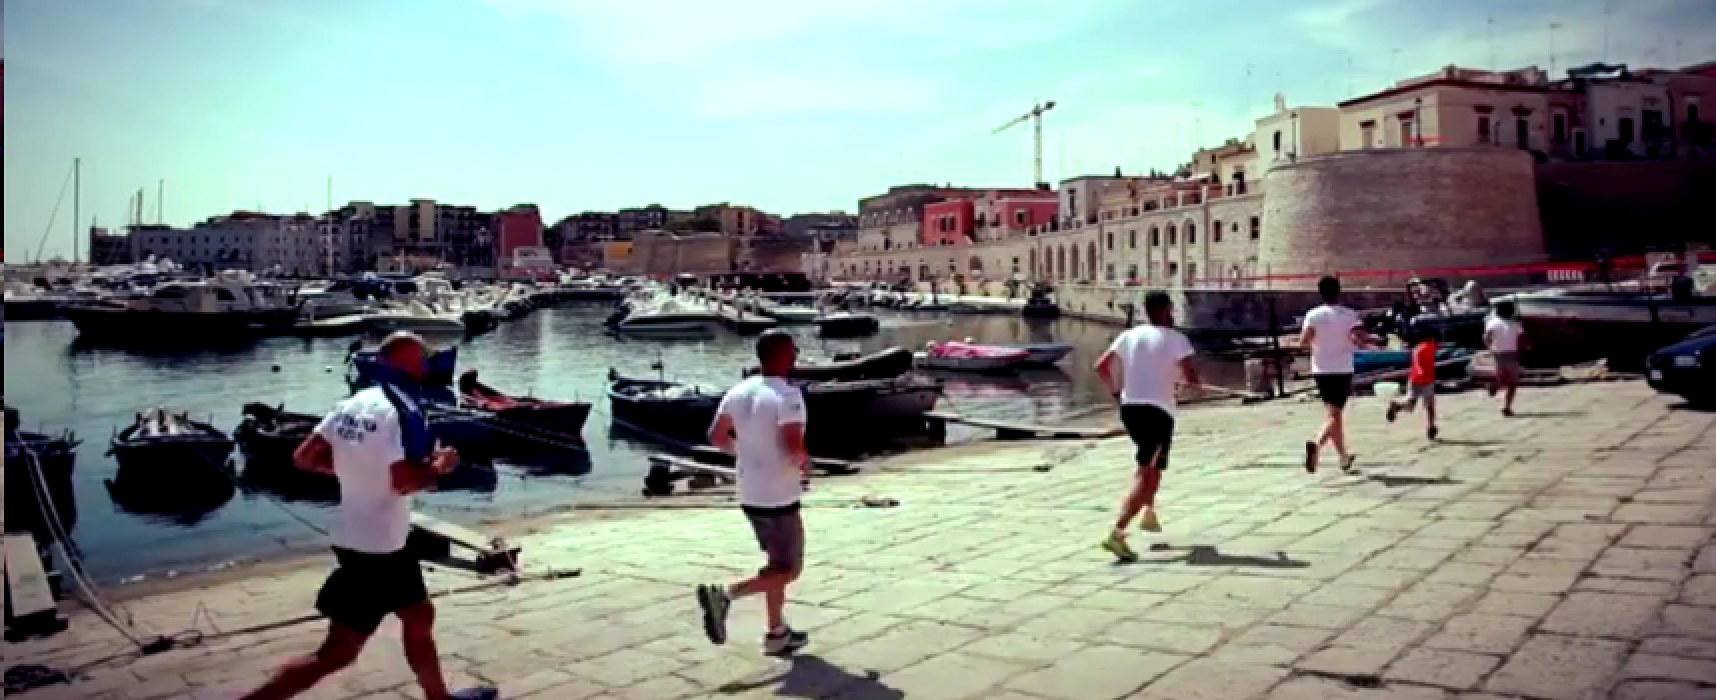 Maratona delle Cattedrali, disposte limitazioni alla circolazione e alla sosta / DETTAGLI